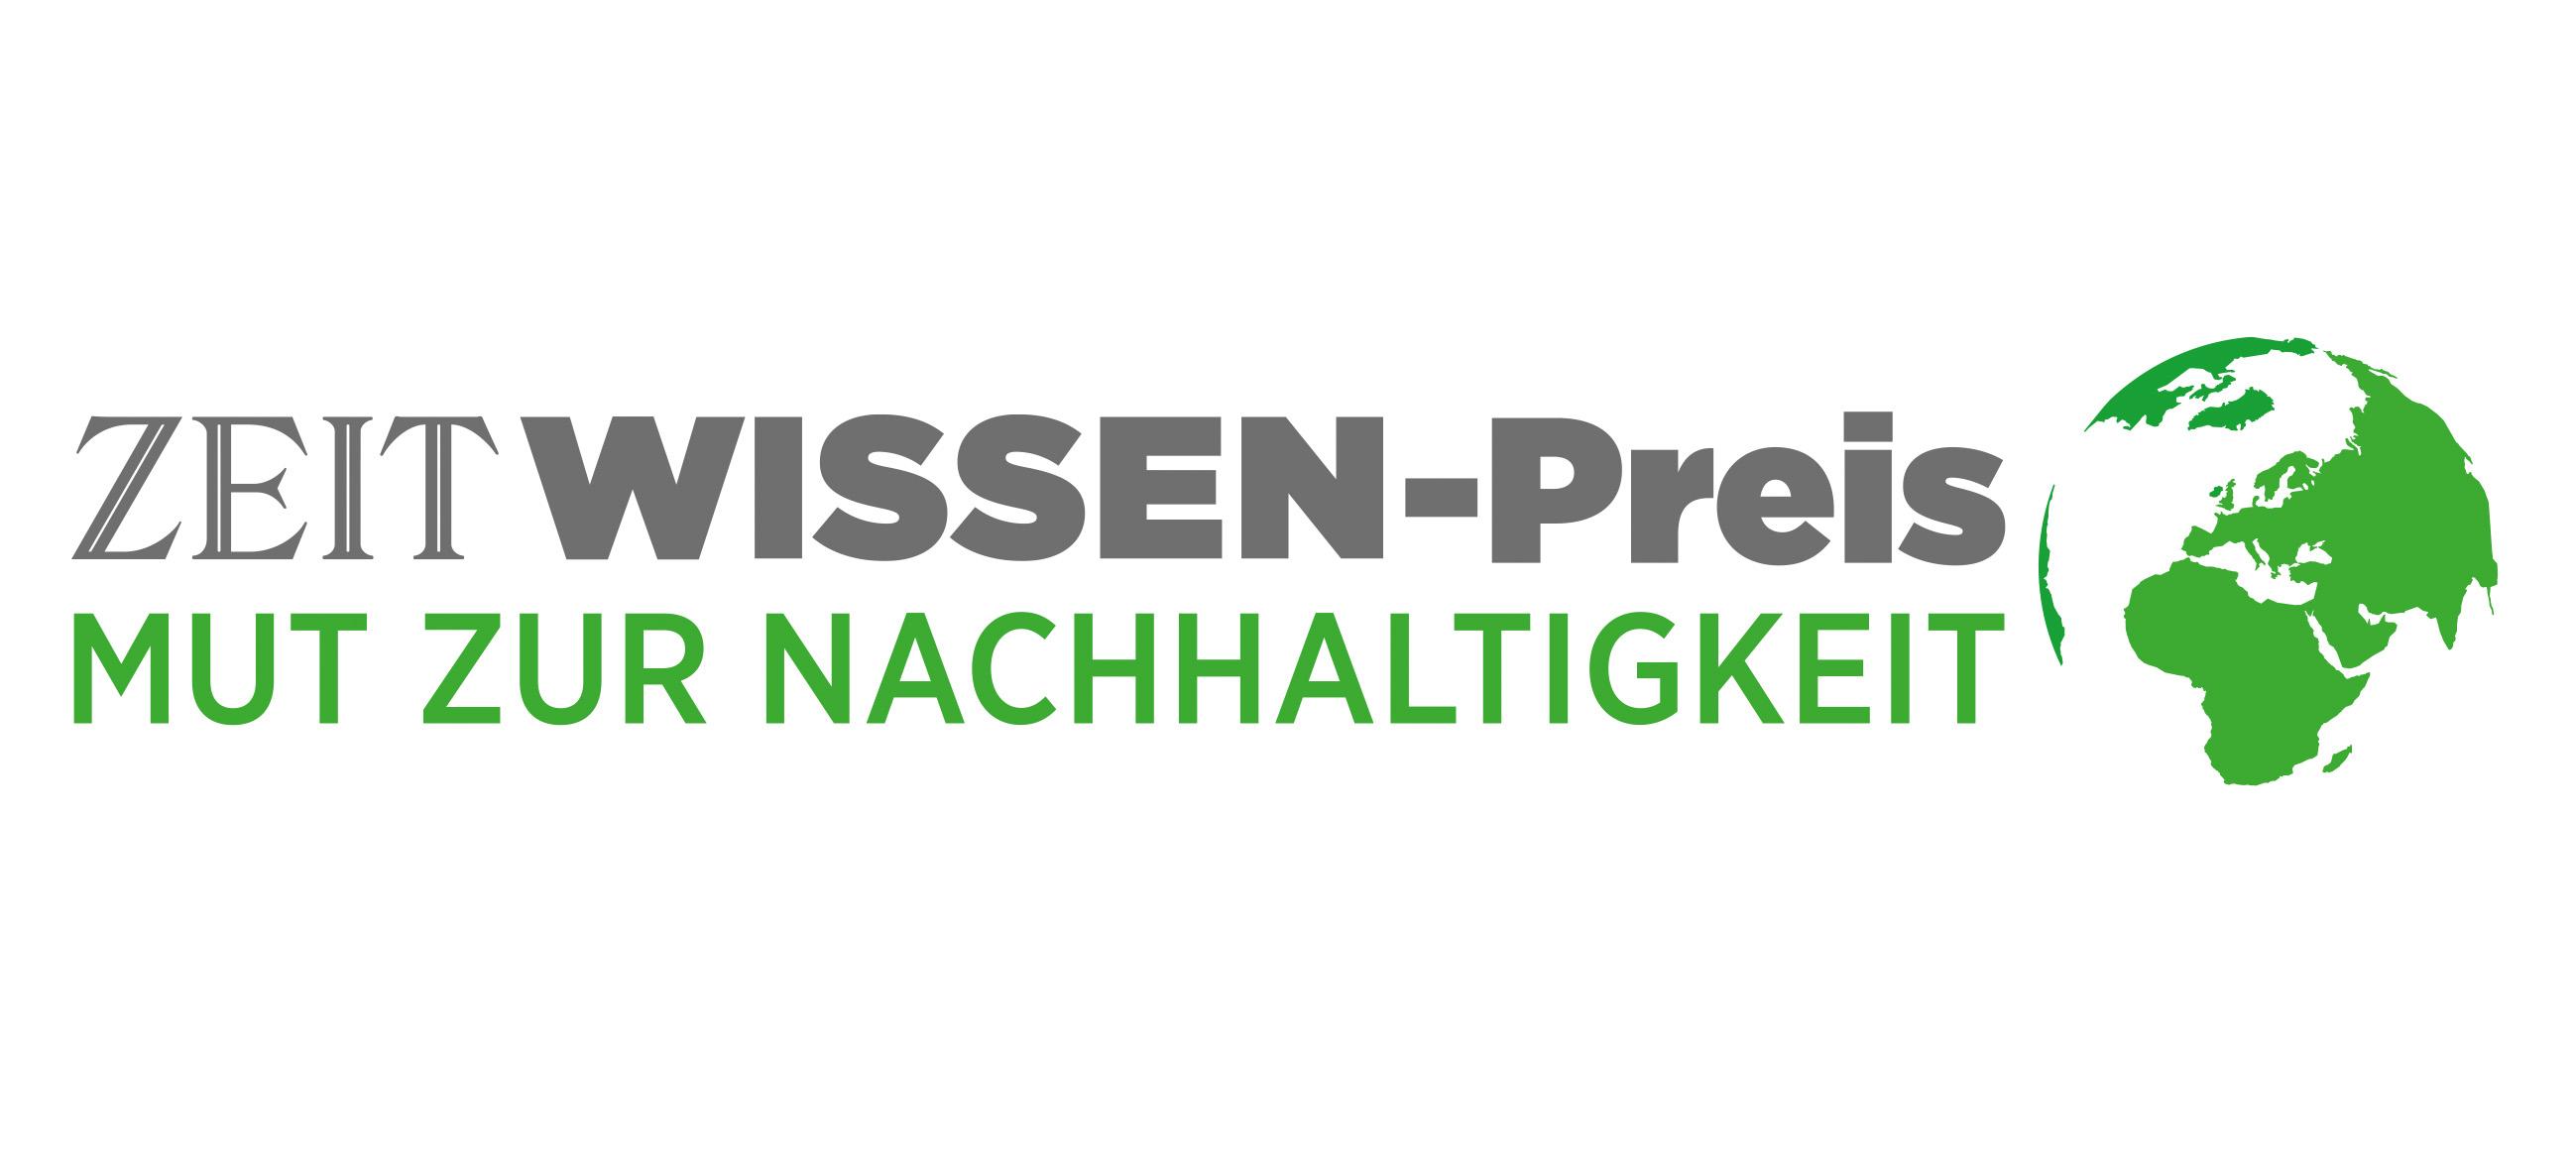 ZEIT WISSEN-Preis Mut zur Nachhaltigkeit